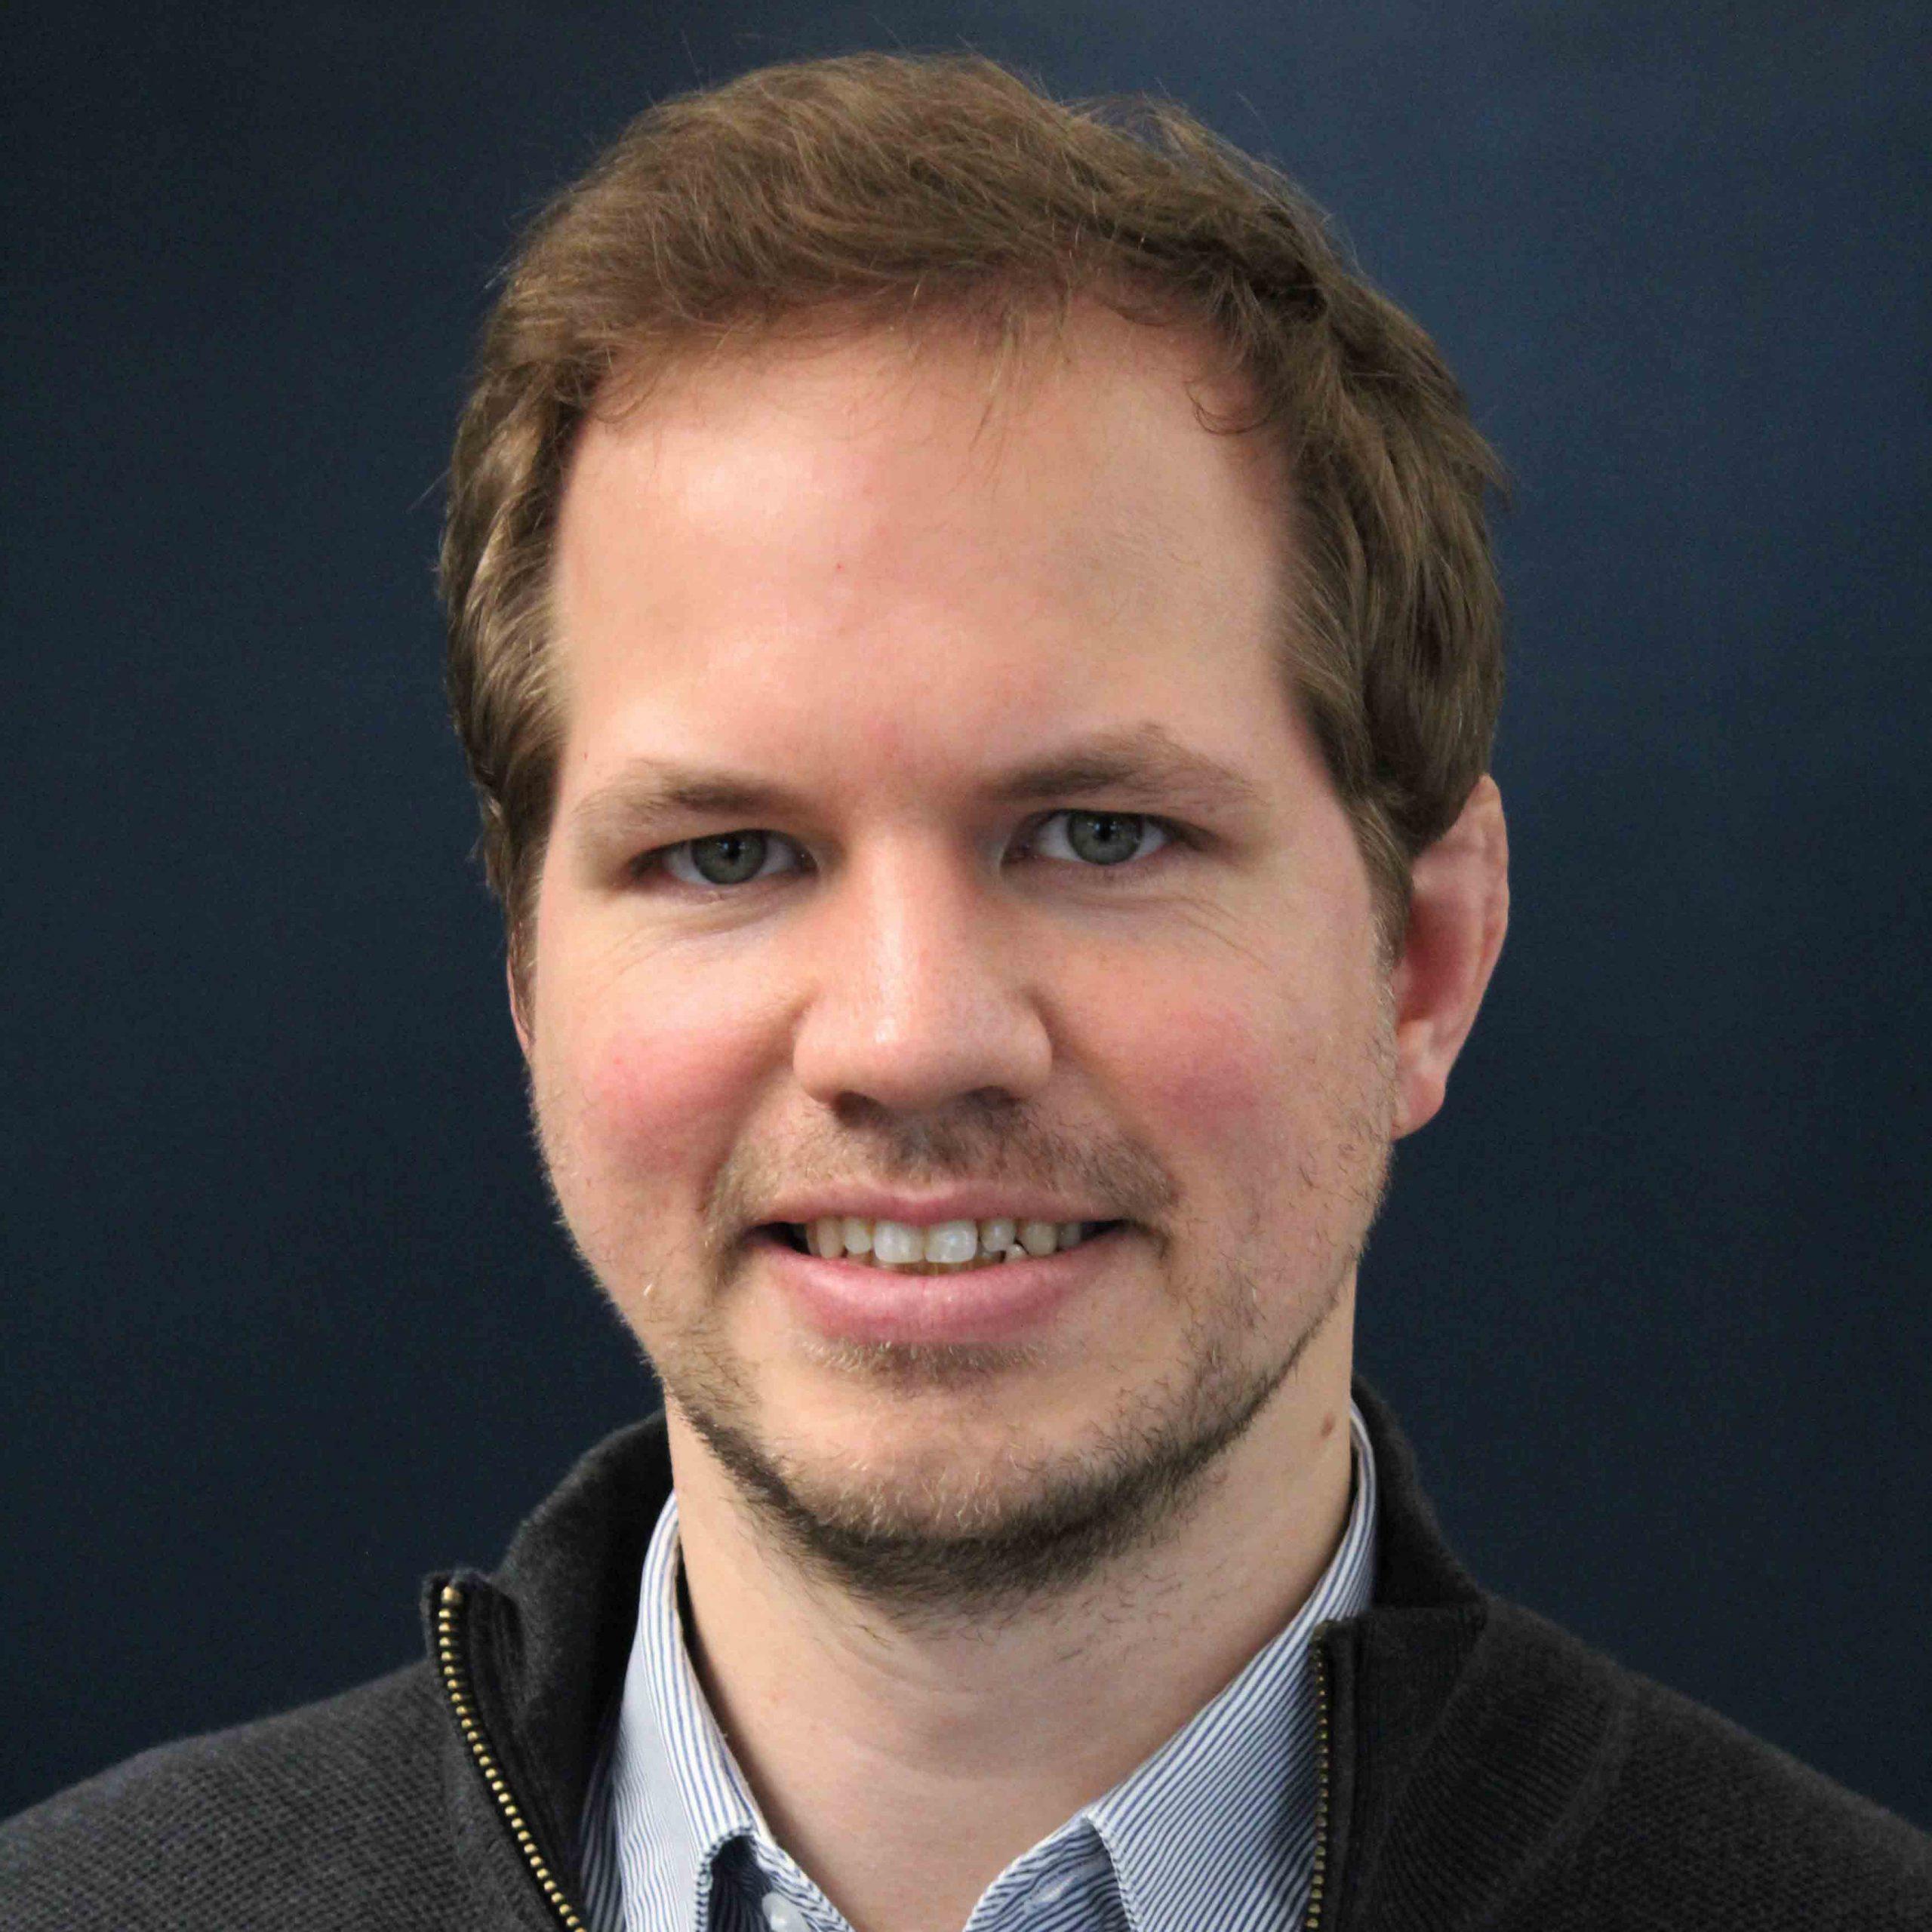 Dr. Christian Herles